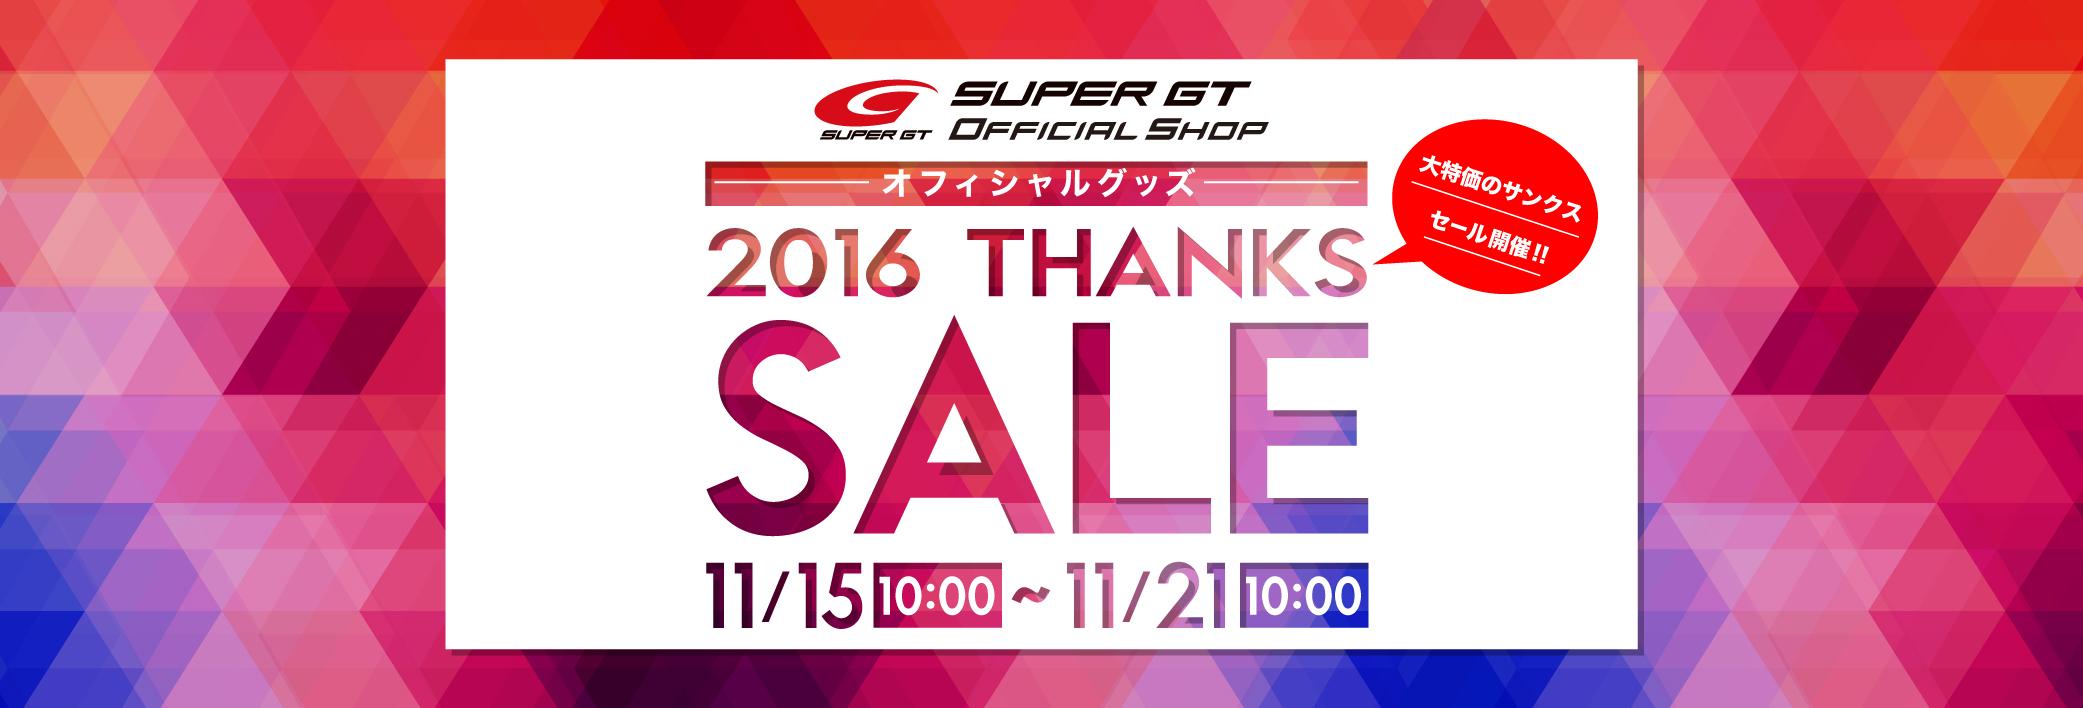 shop_SALE_2016_bnr_main